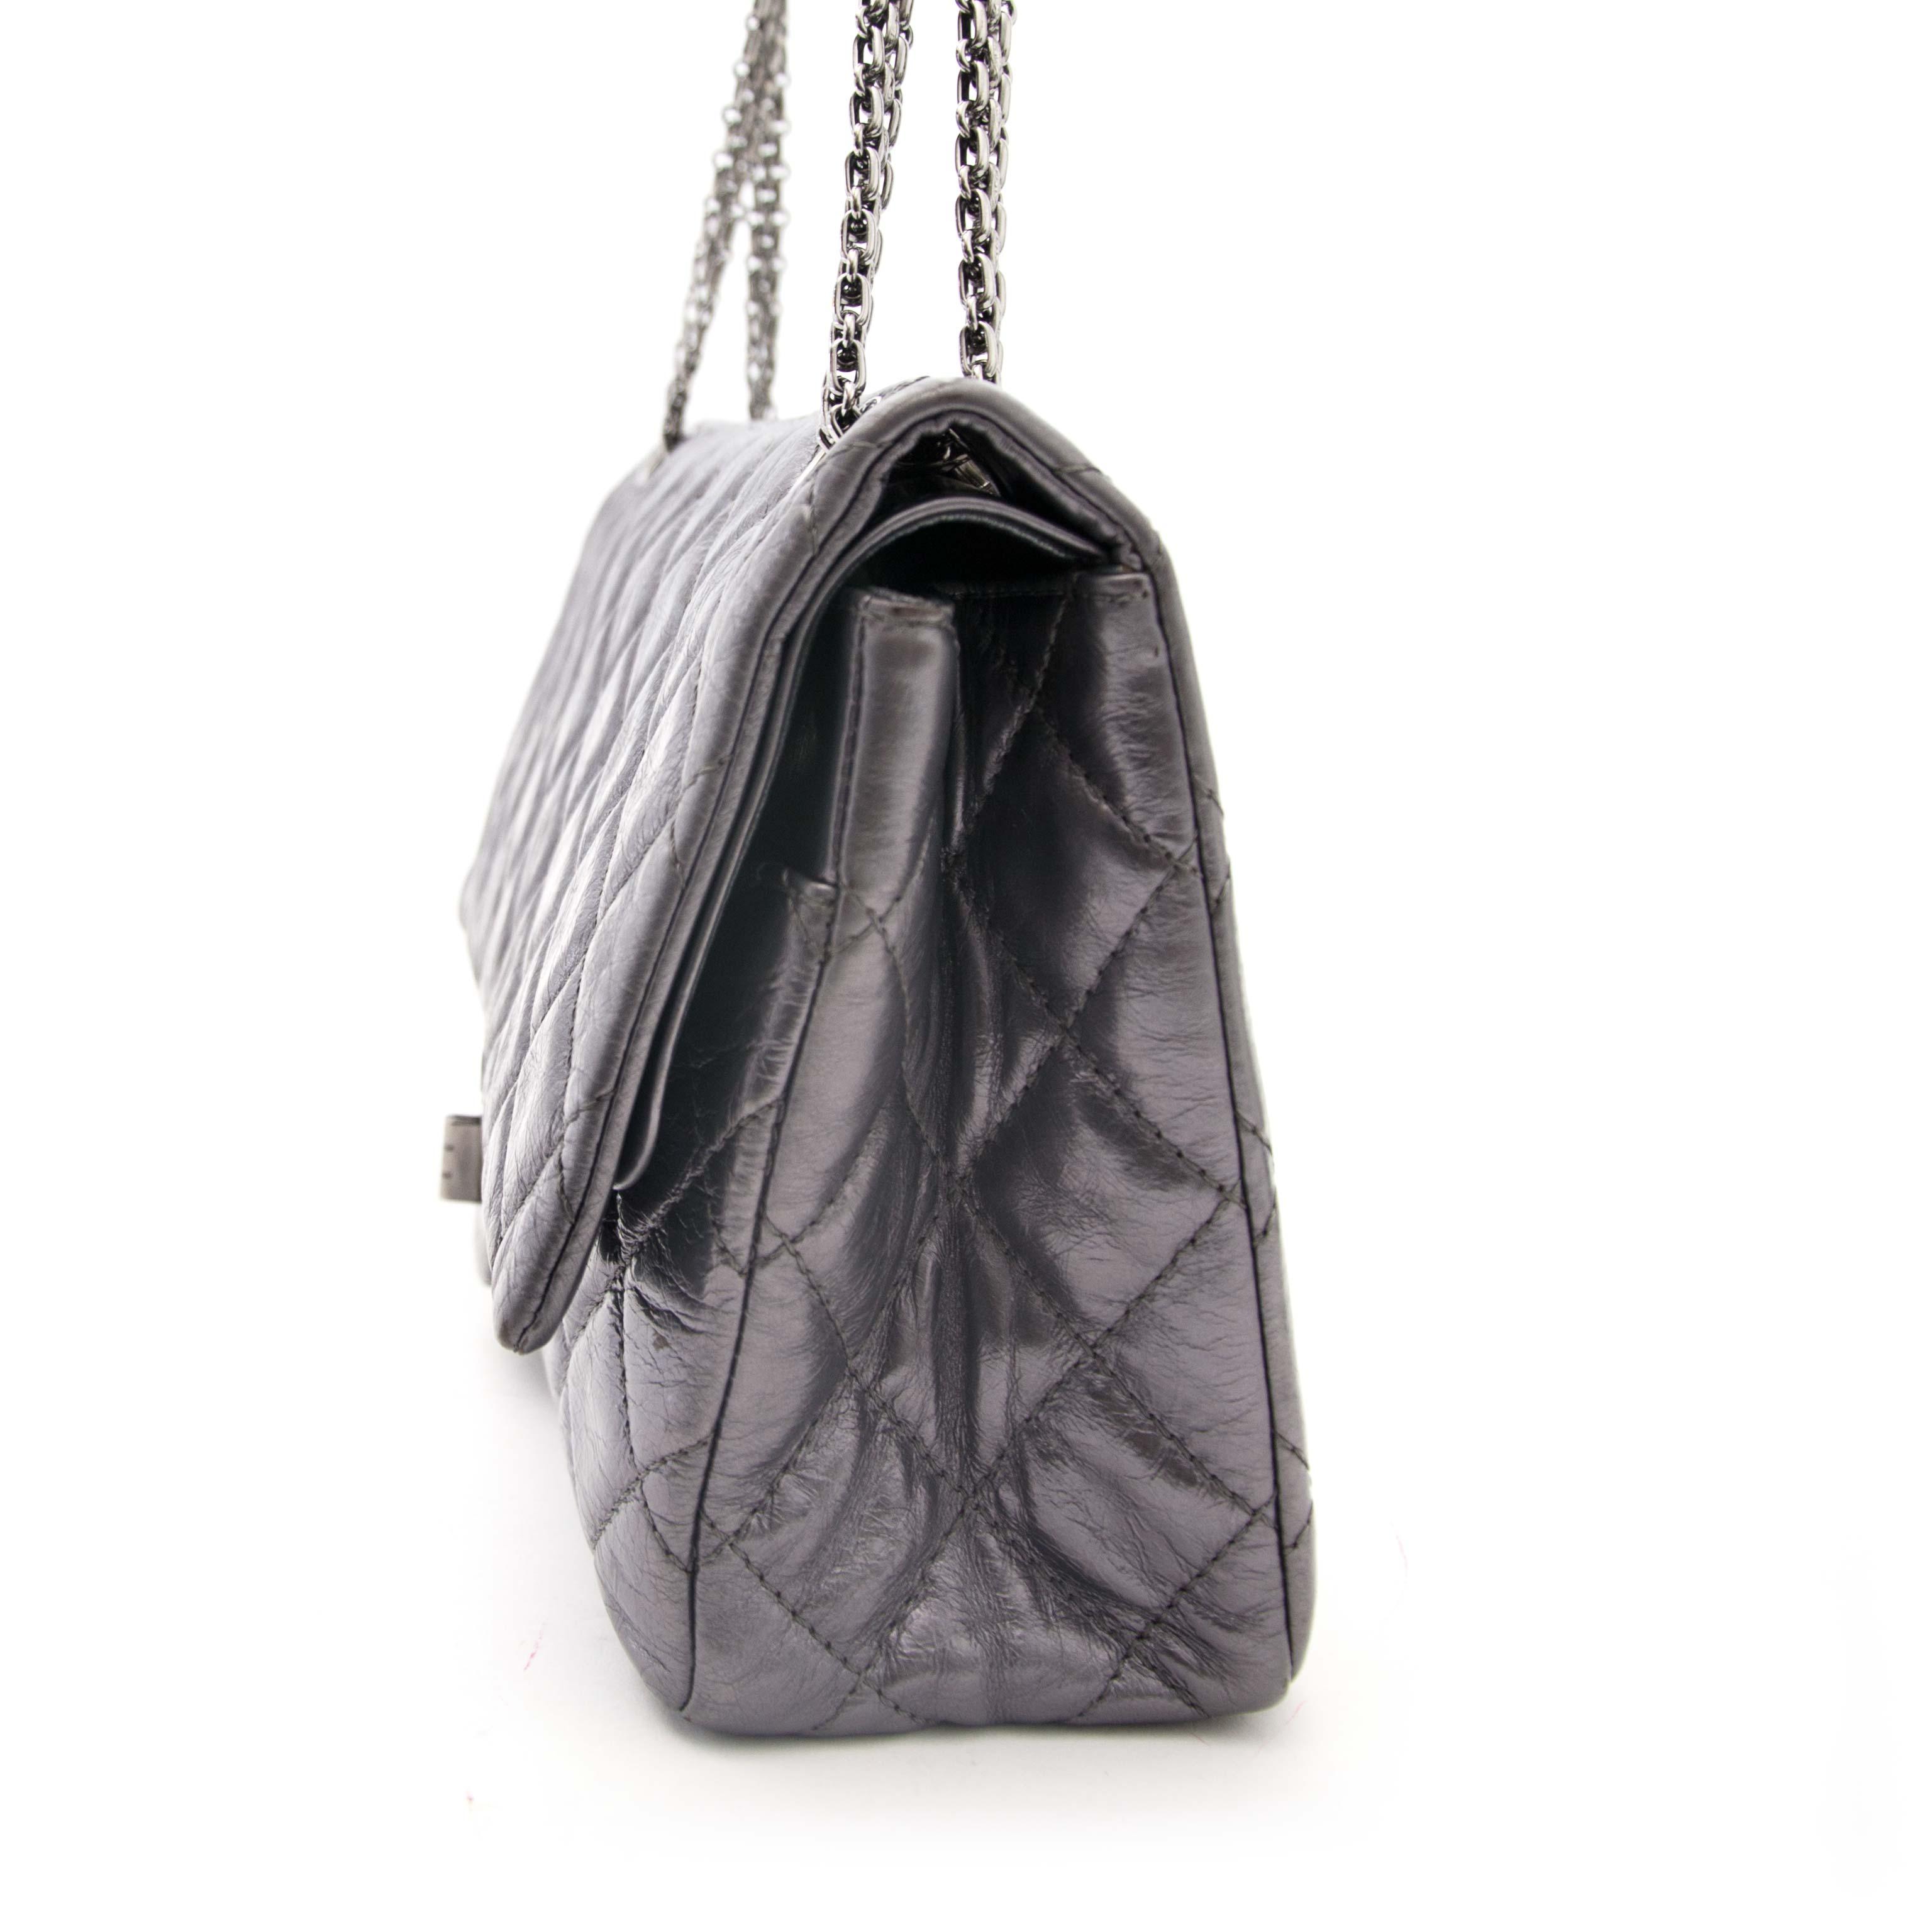 koop online aan de beste prijs Chanel Metallic Silver Reissue